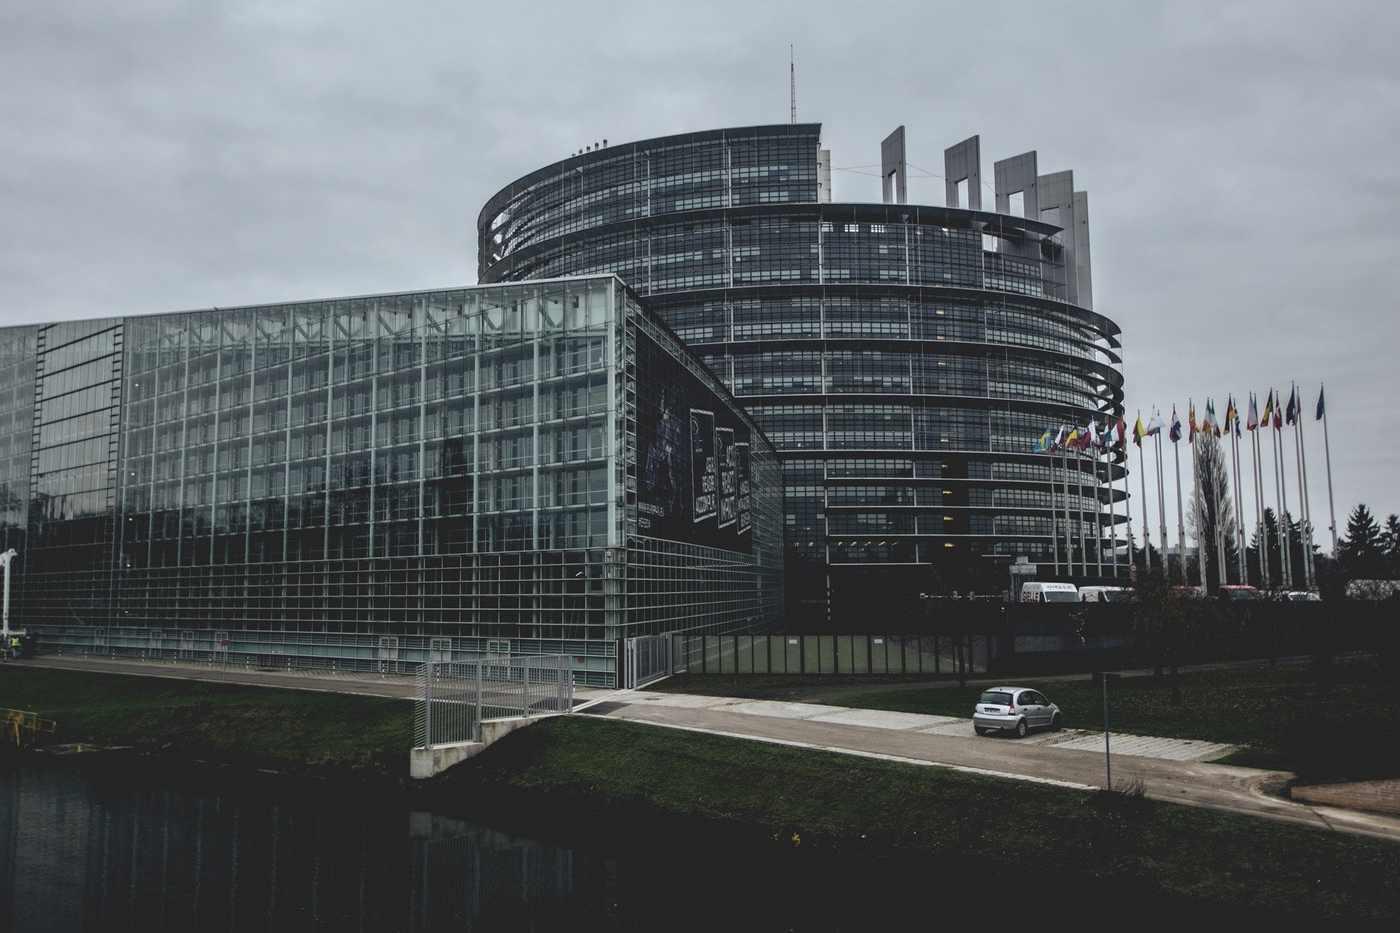 Komisja Europejska wszczyna postępowanie antymonopolowe przeciwko Broadcomowi